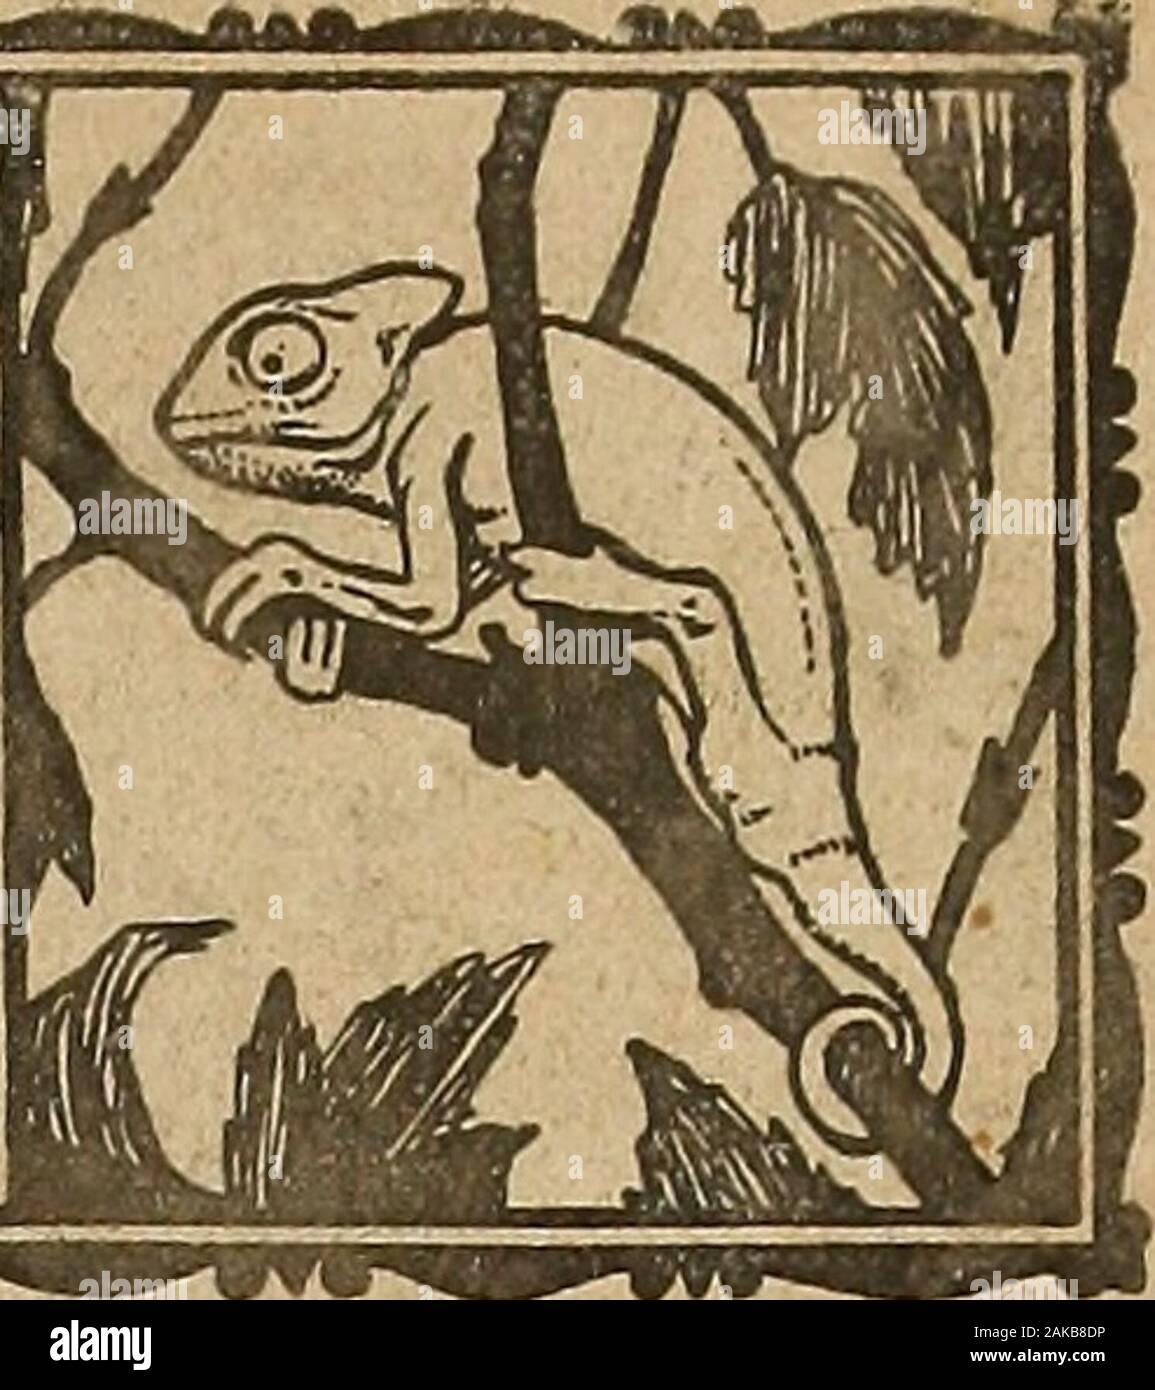 Blätter für Aquarien- und Terrarien-Kunde . // Stock Photo